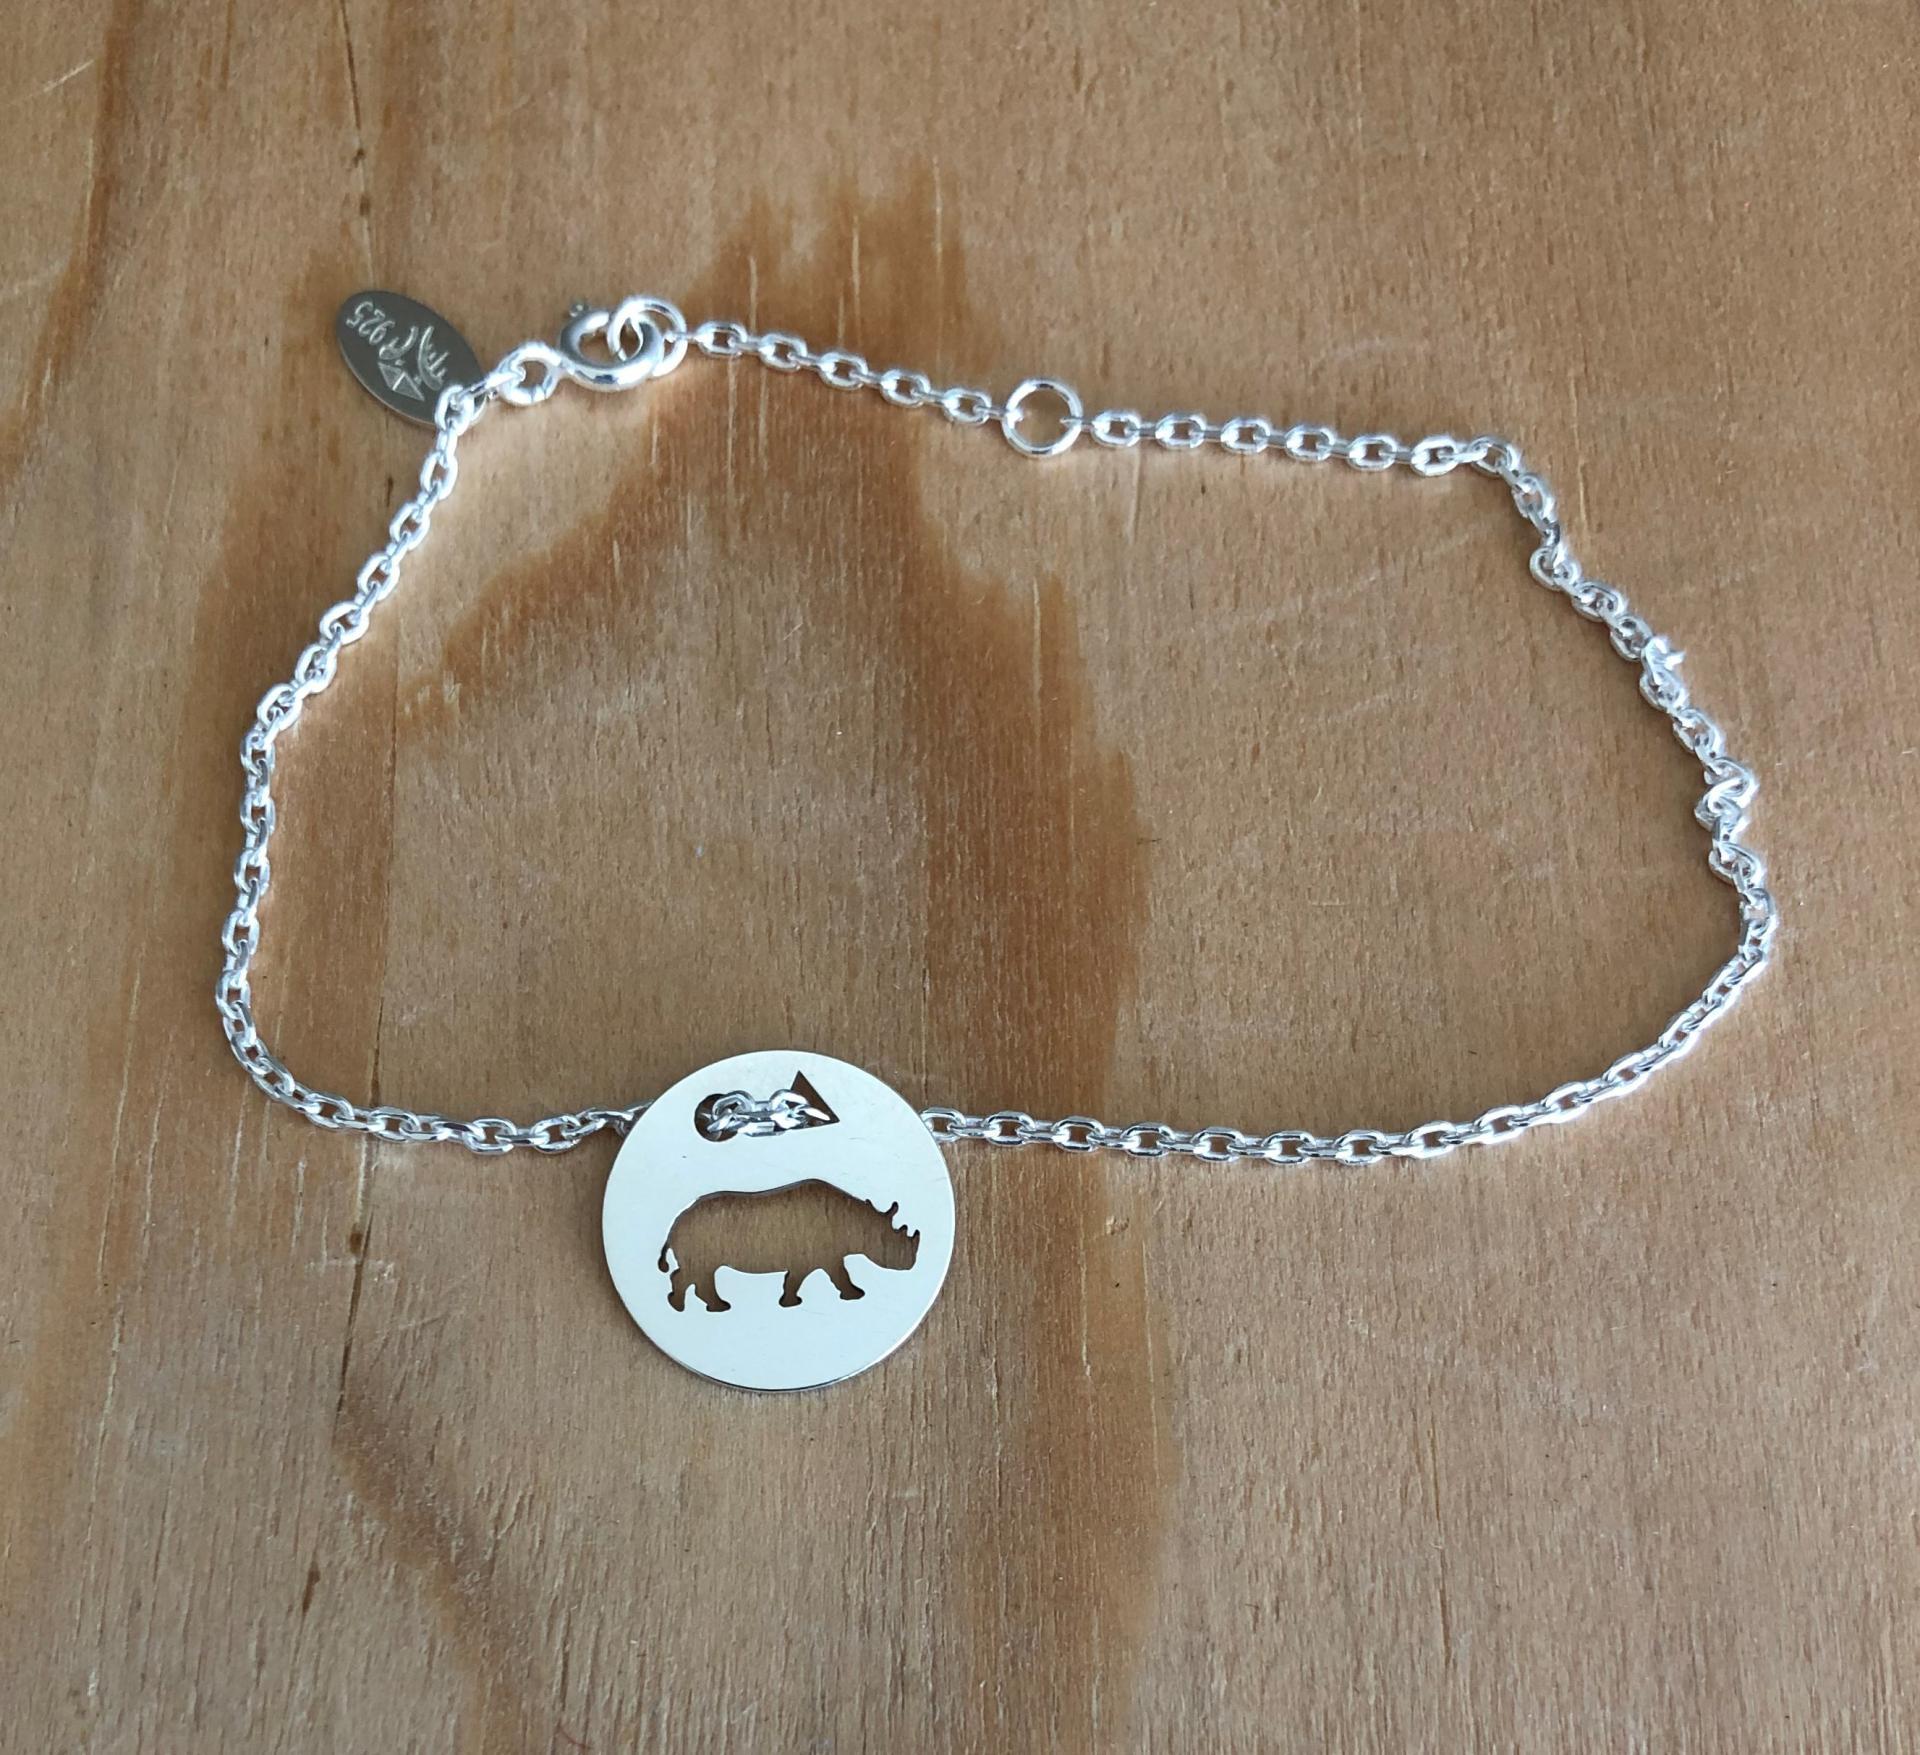 Hippopotame brac chaine